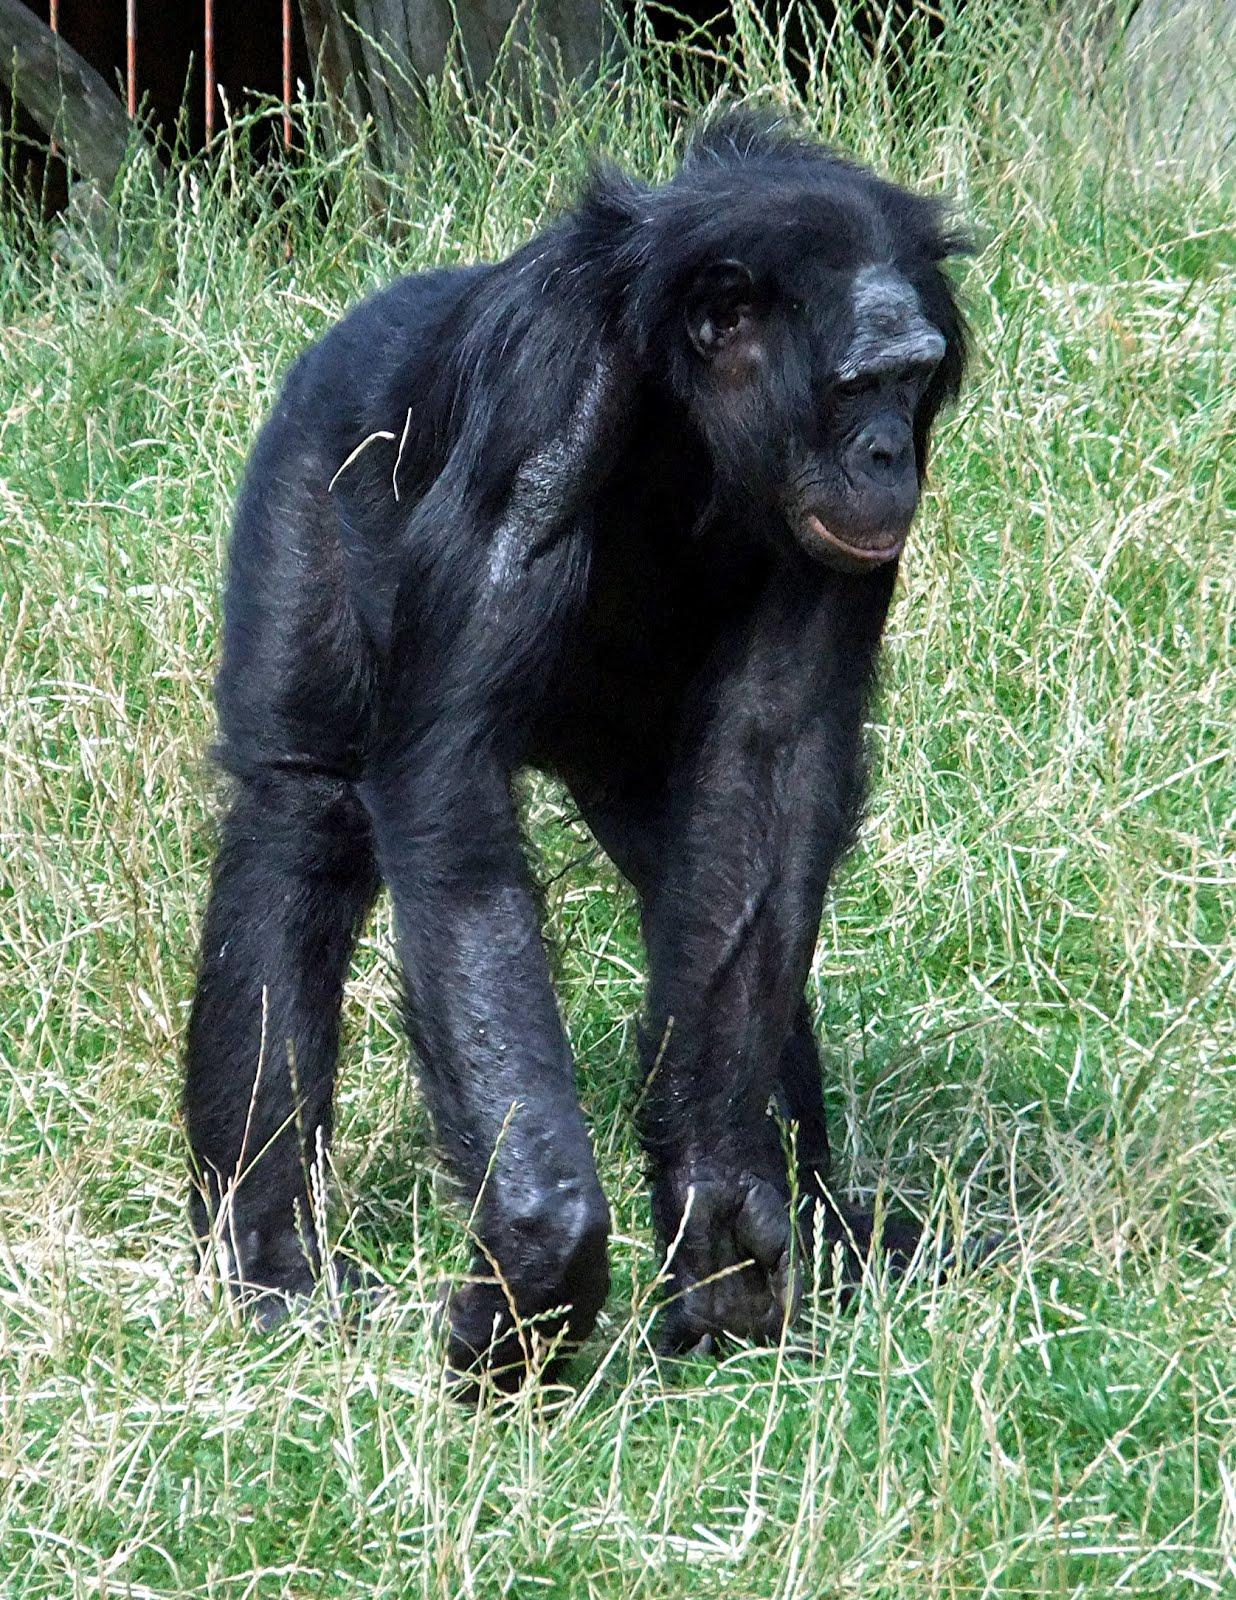 The bonobo